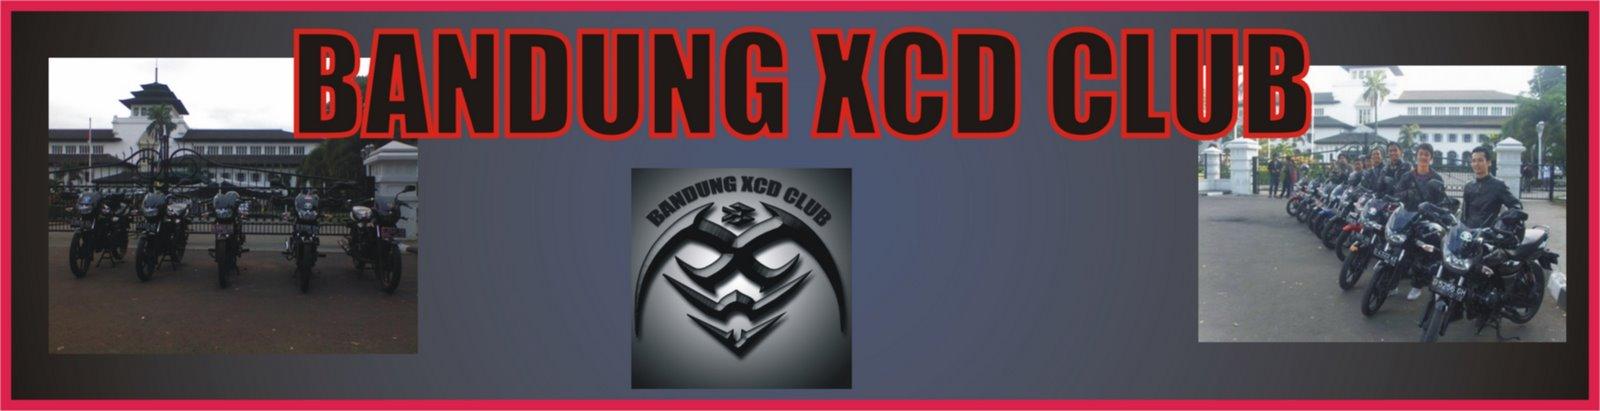 BandungXcdClub